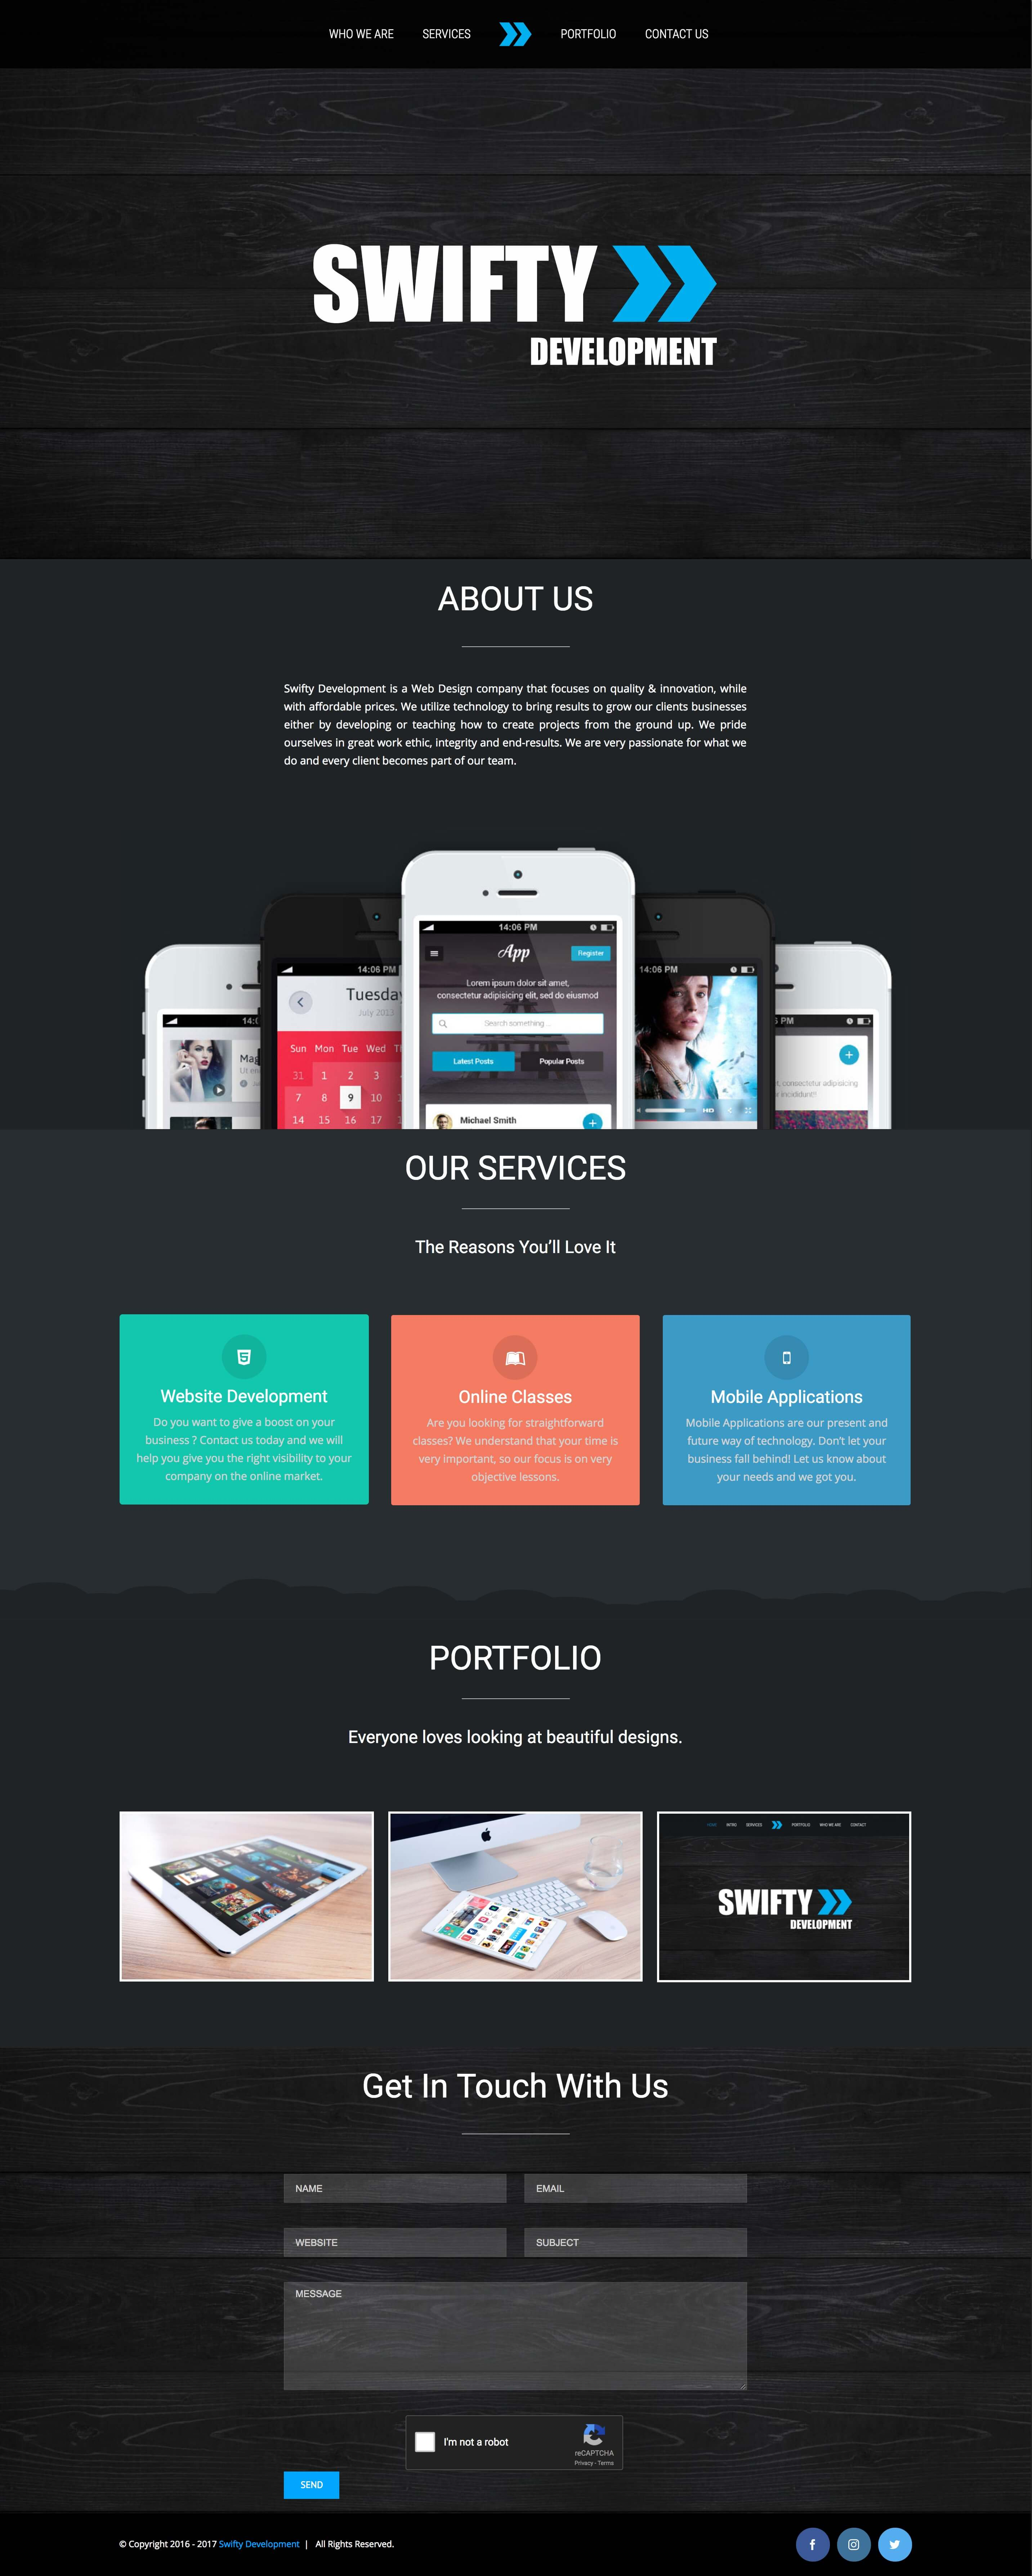 Swifty Development - Web Design & Development (Swifty Website Portfolio Image)